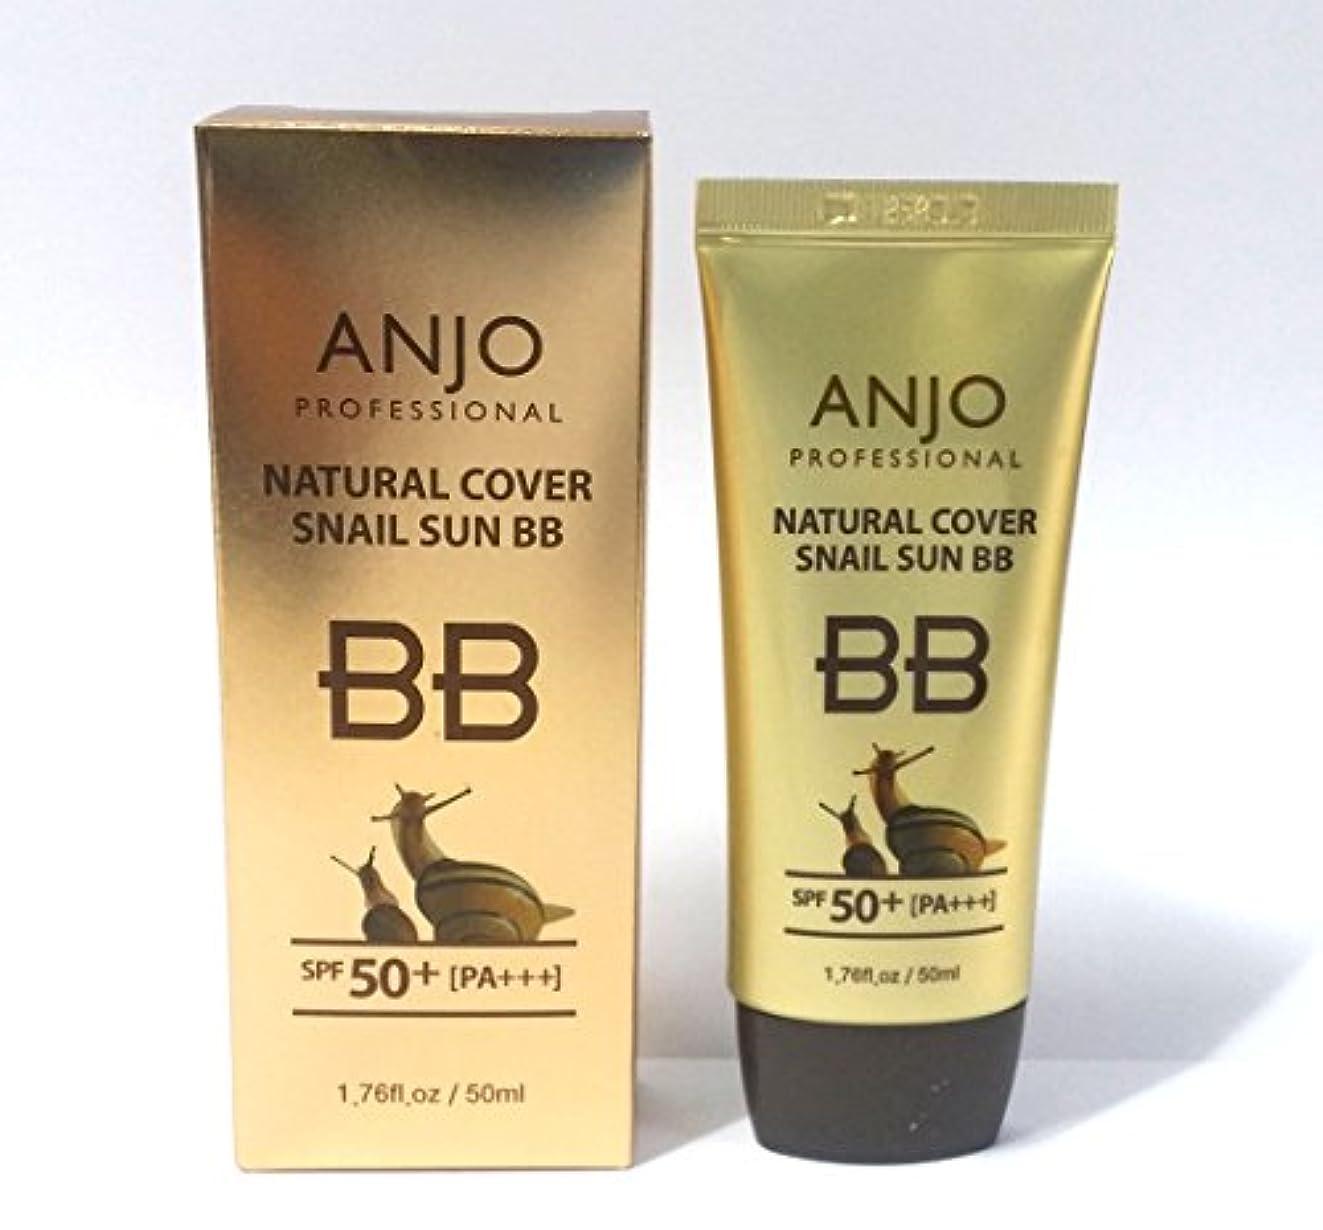 謙虚ブランデー会議[ANJO] ナチュラルカバーカタツムリサンBBクリームSPF 50 + PA +++ 50ml X 6EA /メイクアップベース/カタツムリ粘液 / Natural Cover Snail Sun BB Cream SPF...